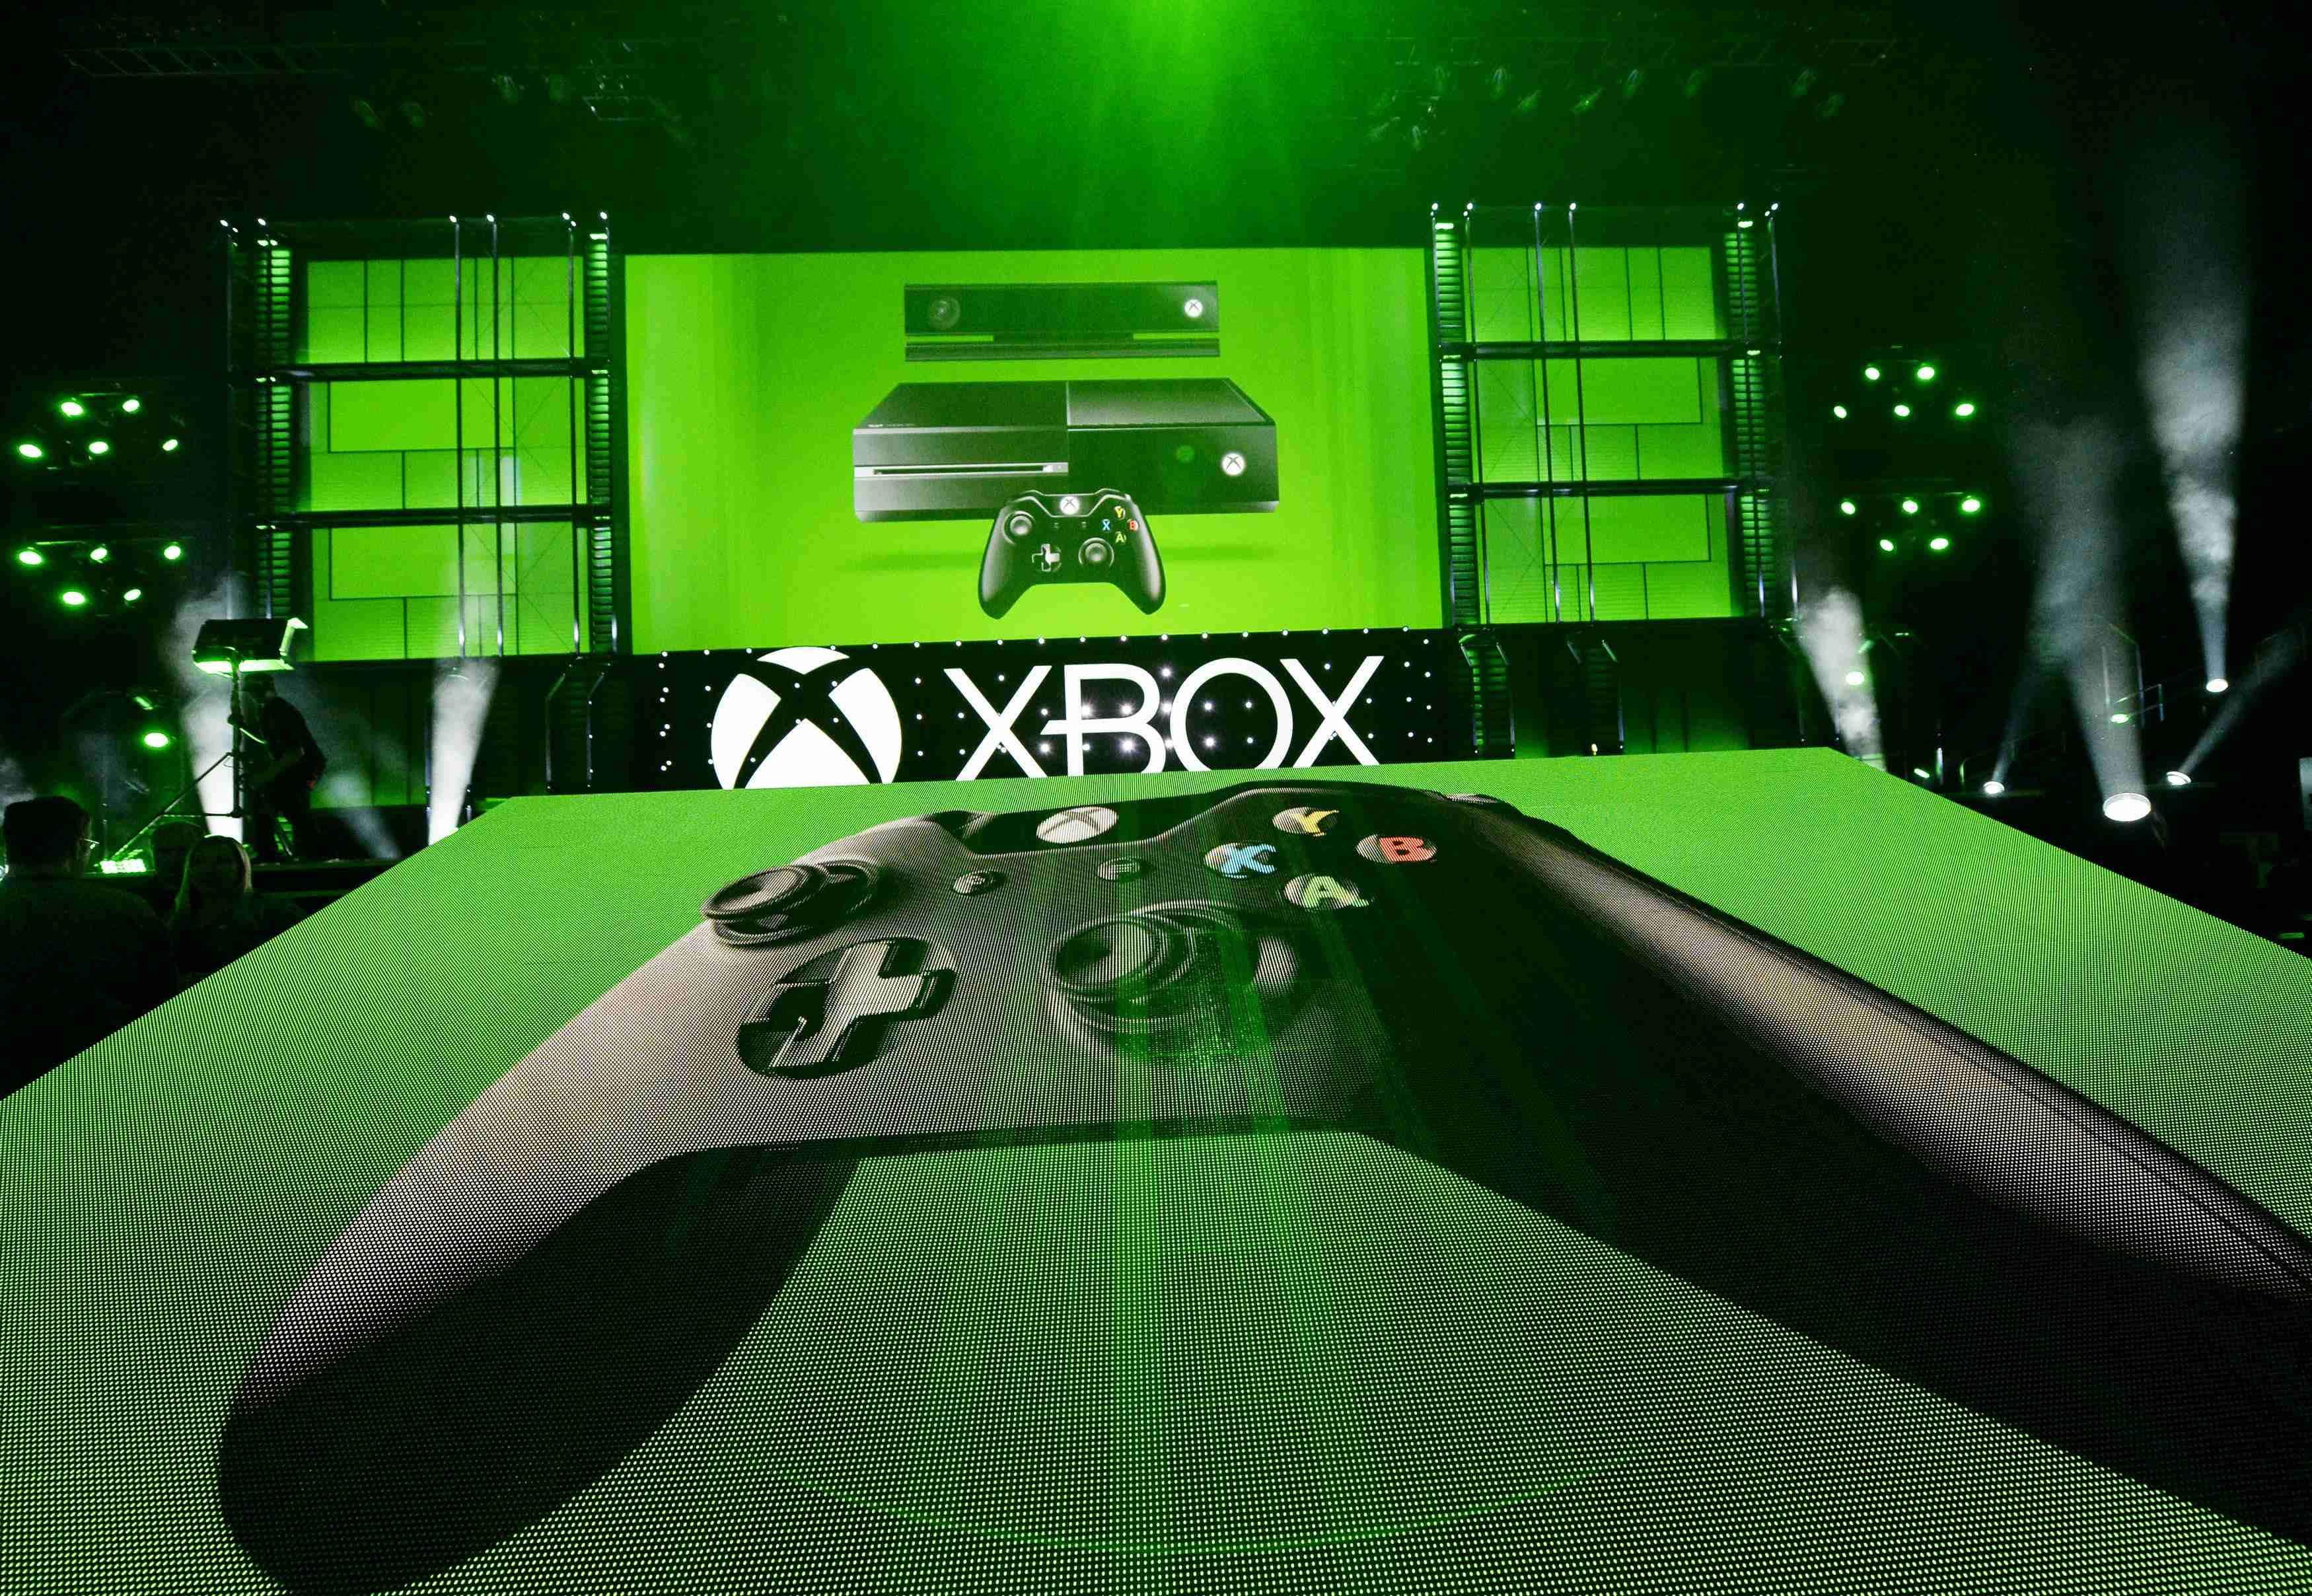 Conferência da Microsoft em Los Angeles aconteceu um dia antes do início da E3 3 foi marcado pelos lançamentos exclusivos para a plataforma Xbox One como Forza Horizon 2 e um novo título da franquia Halo Foto: Reuters